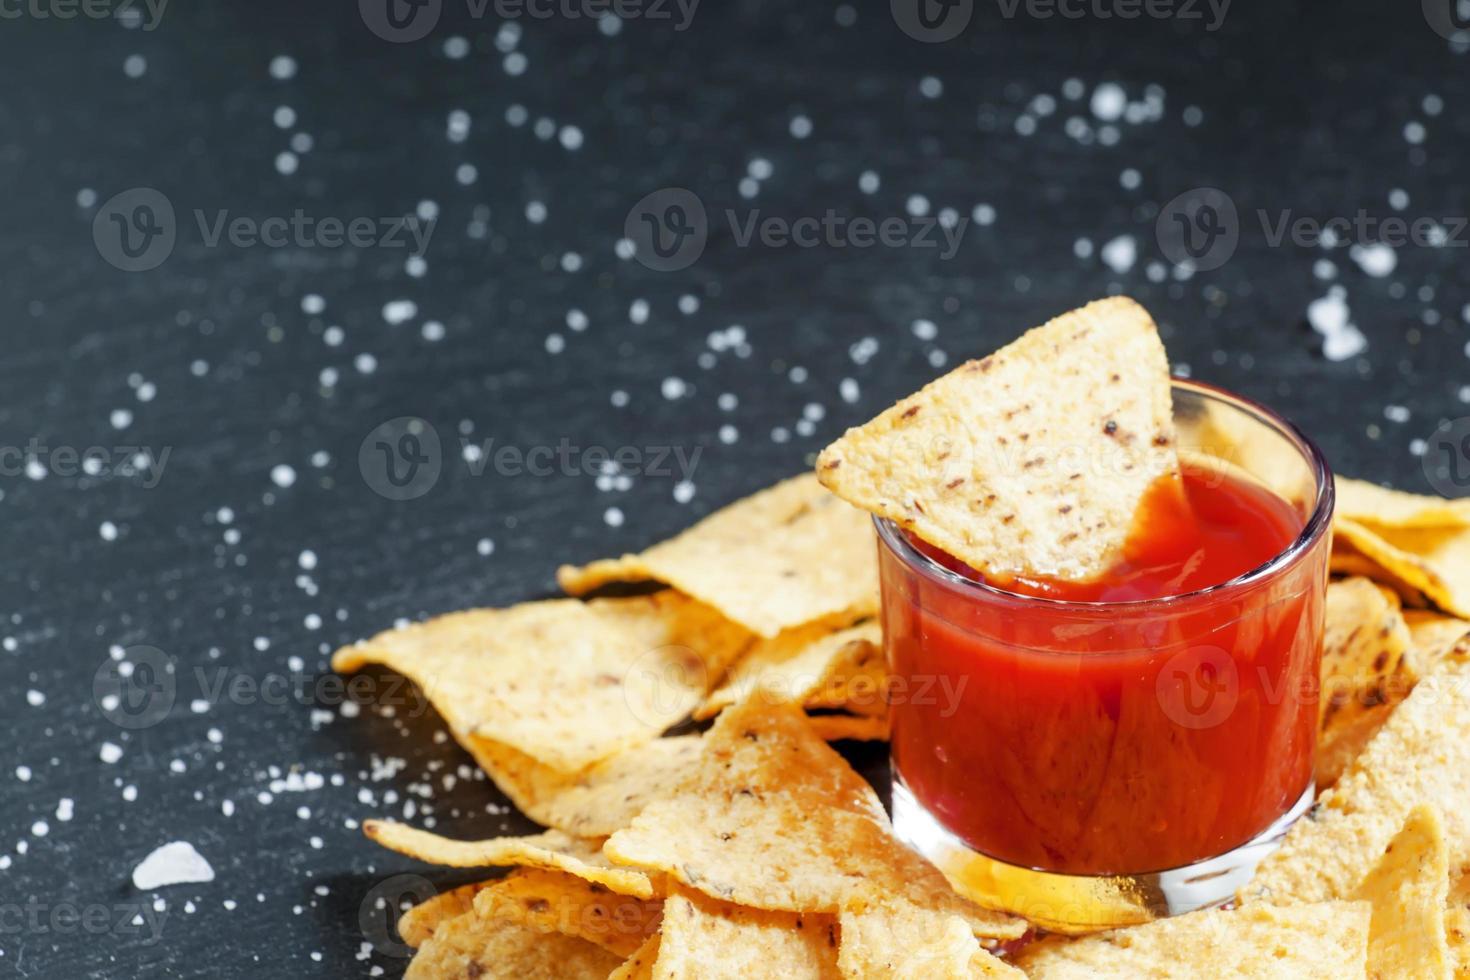 petiscos mexicanos nachos de milho com molho de tomate e sal foto